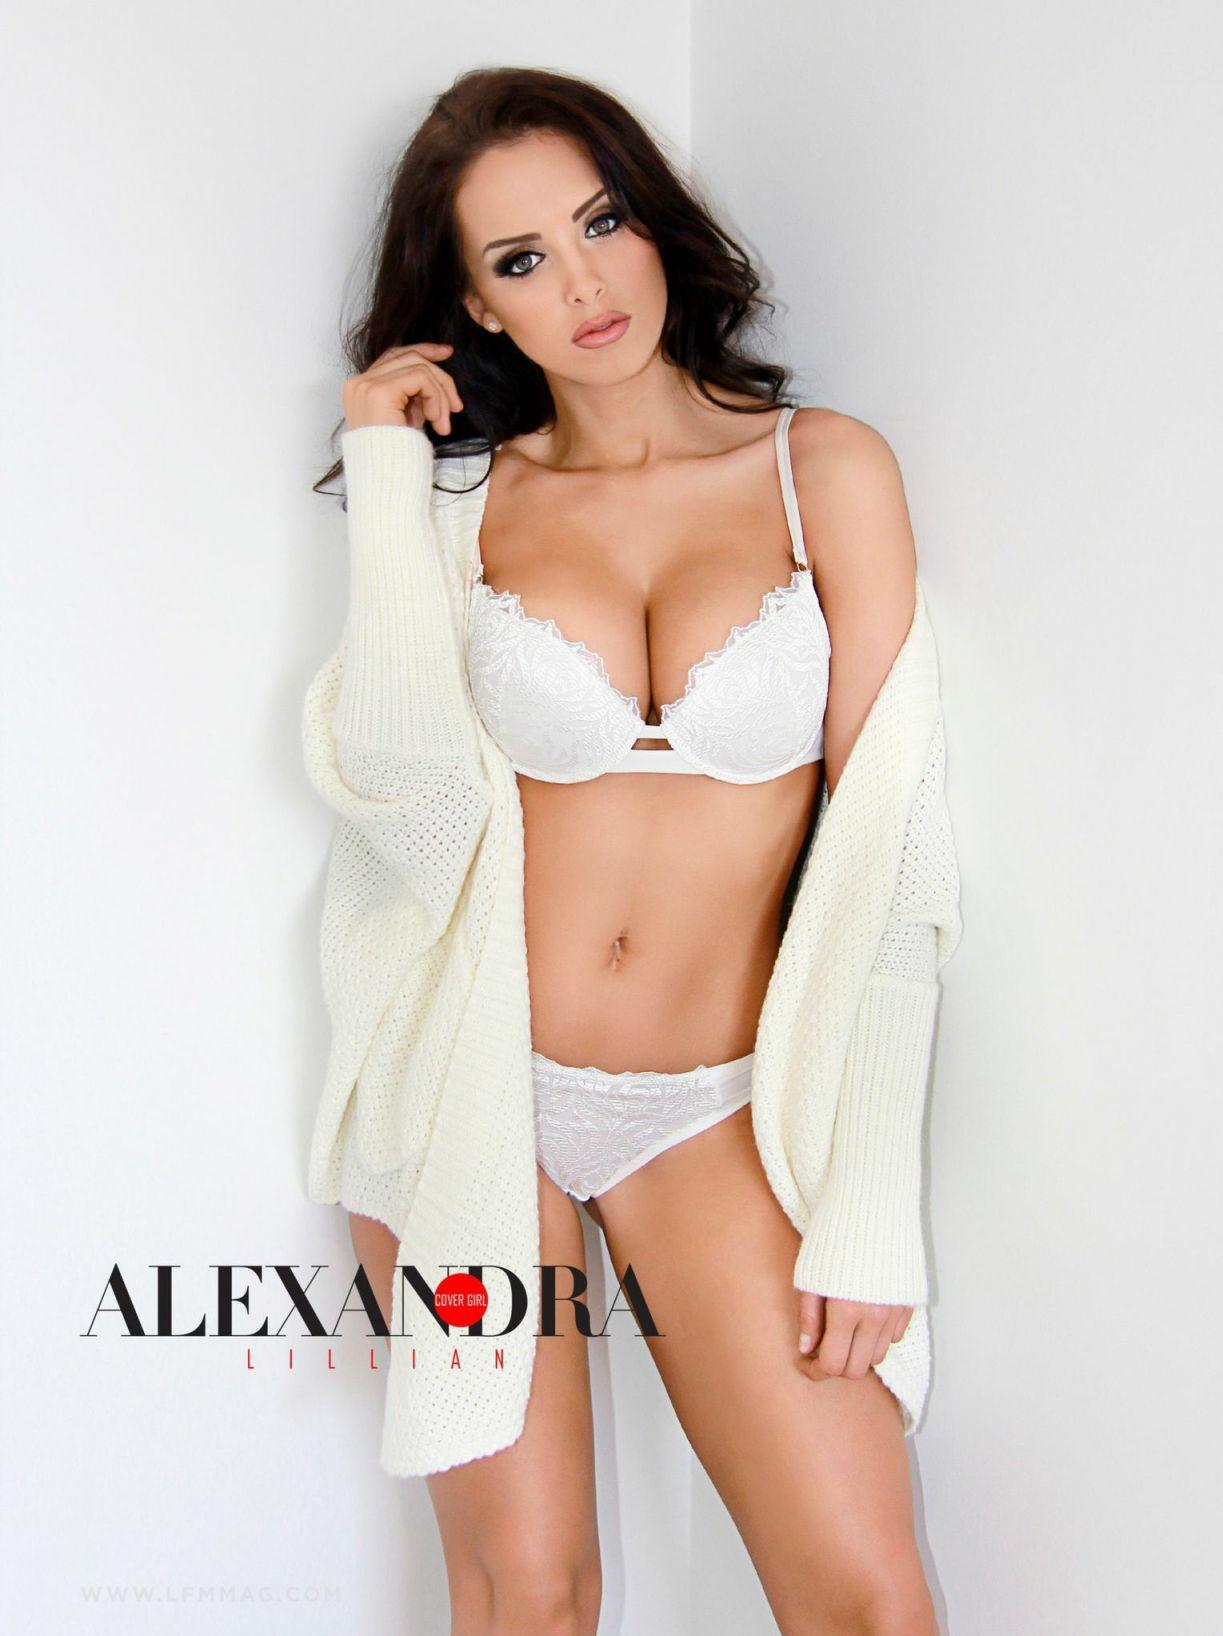 Celebrity Alexandra Lillian nude photos 2019